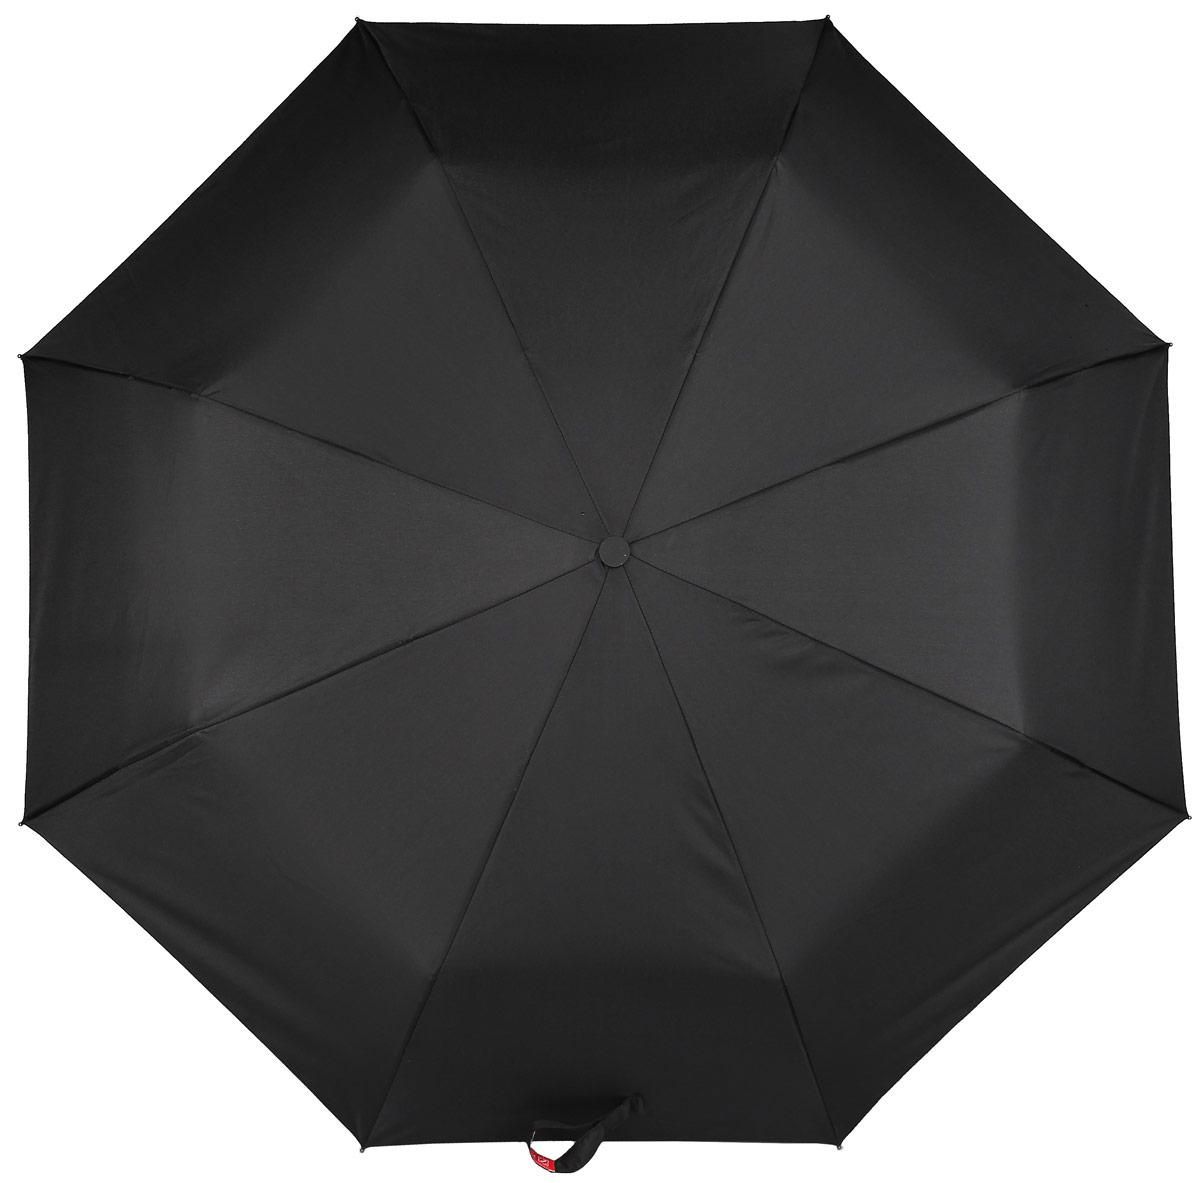 Зонт мужской Zemsa, автомат, 3 сложения, цвет: черный. 2222Зонт мужской выполнен из высококачественных материалов и сплавов. Классическая и стильная модель, станет великолепным аксессуаром и защитит своего хозяина от непогоды, не теряя своих функциональных характеристик и визуальной привлекательности в течение всего срока эксплуатации.